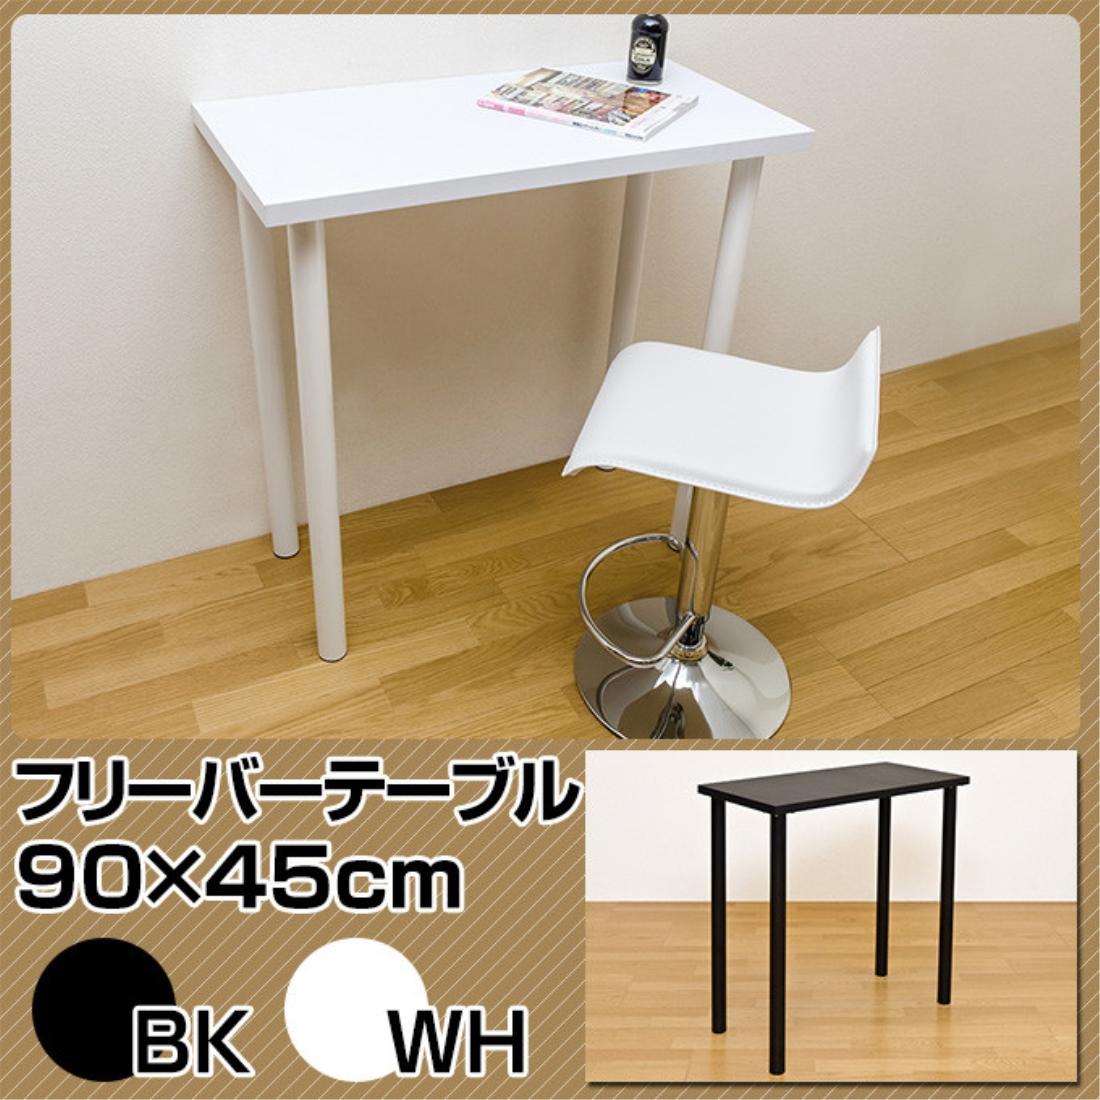 インテリア 家具 机 テーブル フリーバーテーブル 90x45【離島・日時指定不可】